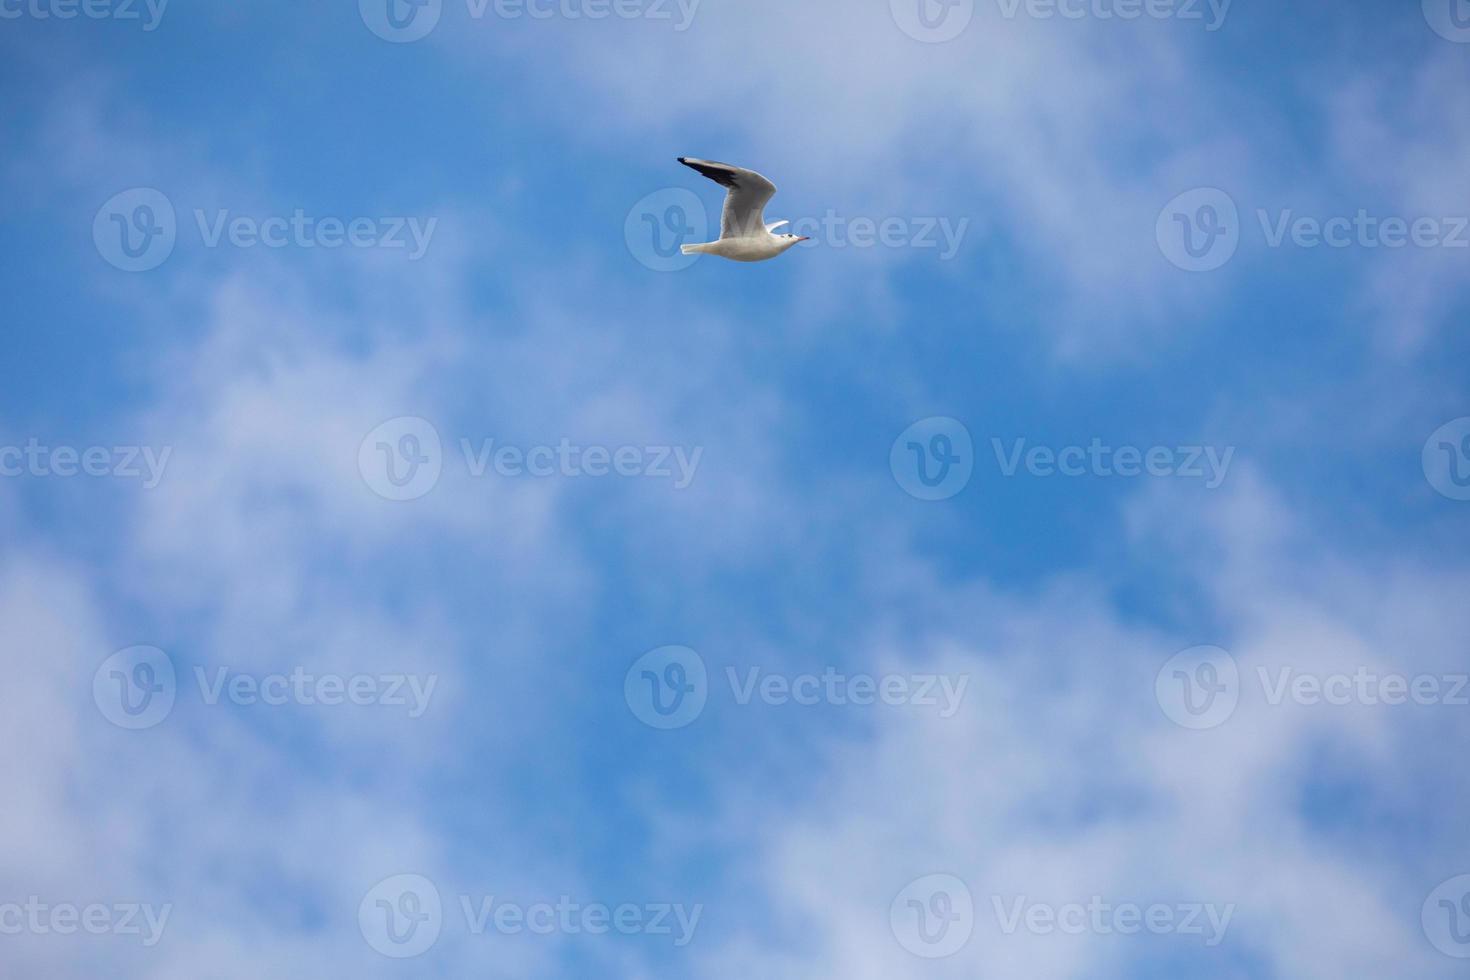 fågel som flyger måsen isolerad himmel symbol för frihetskoncept. vit fiskmås på himlen foto